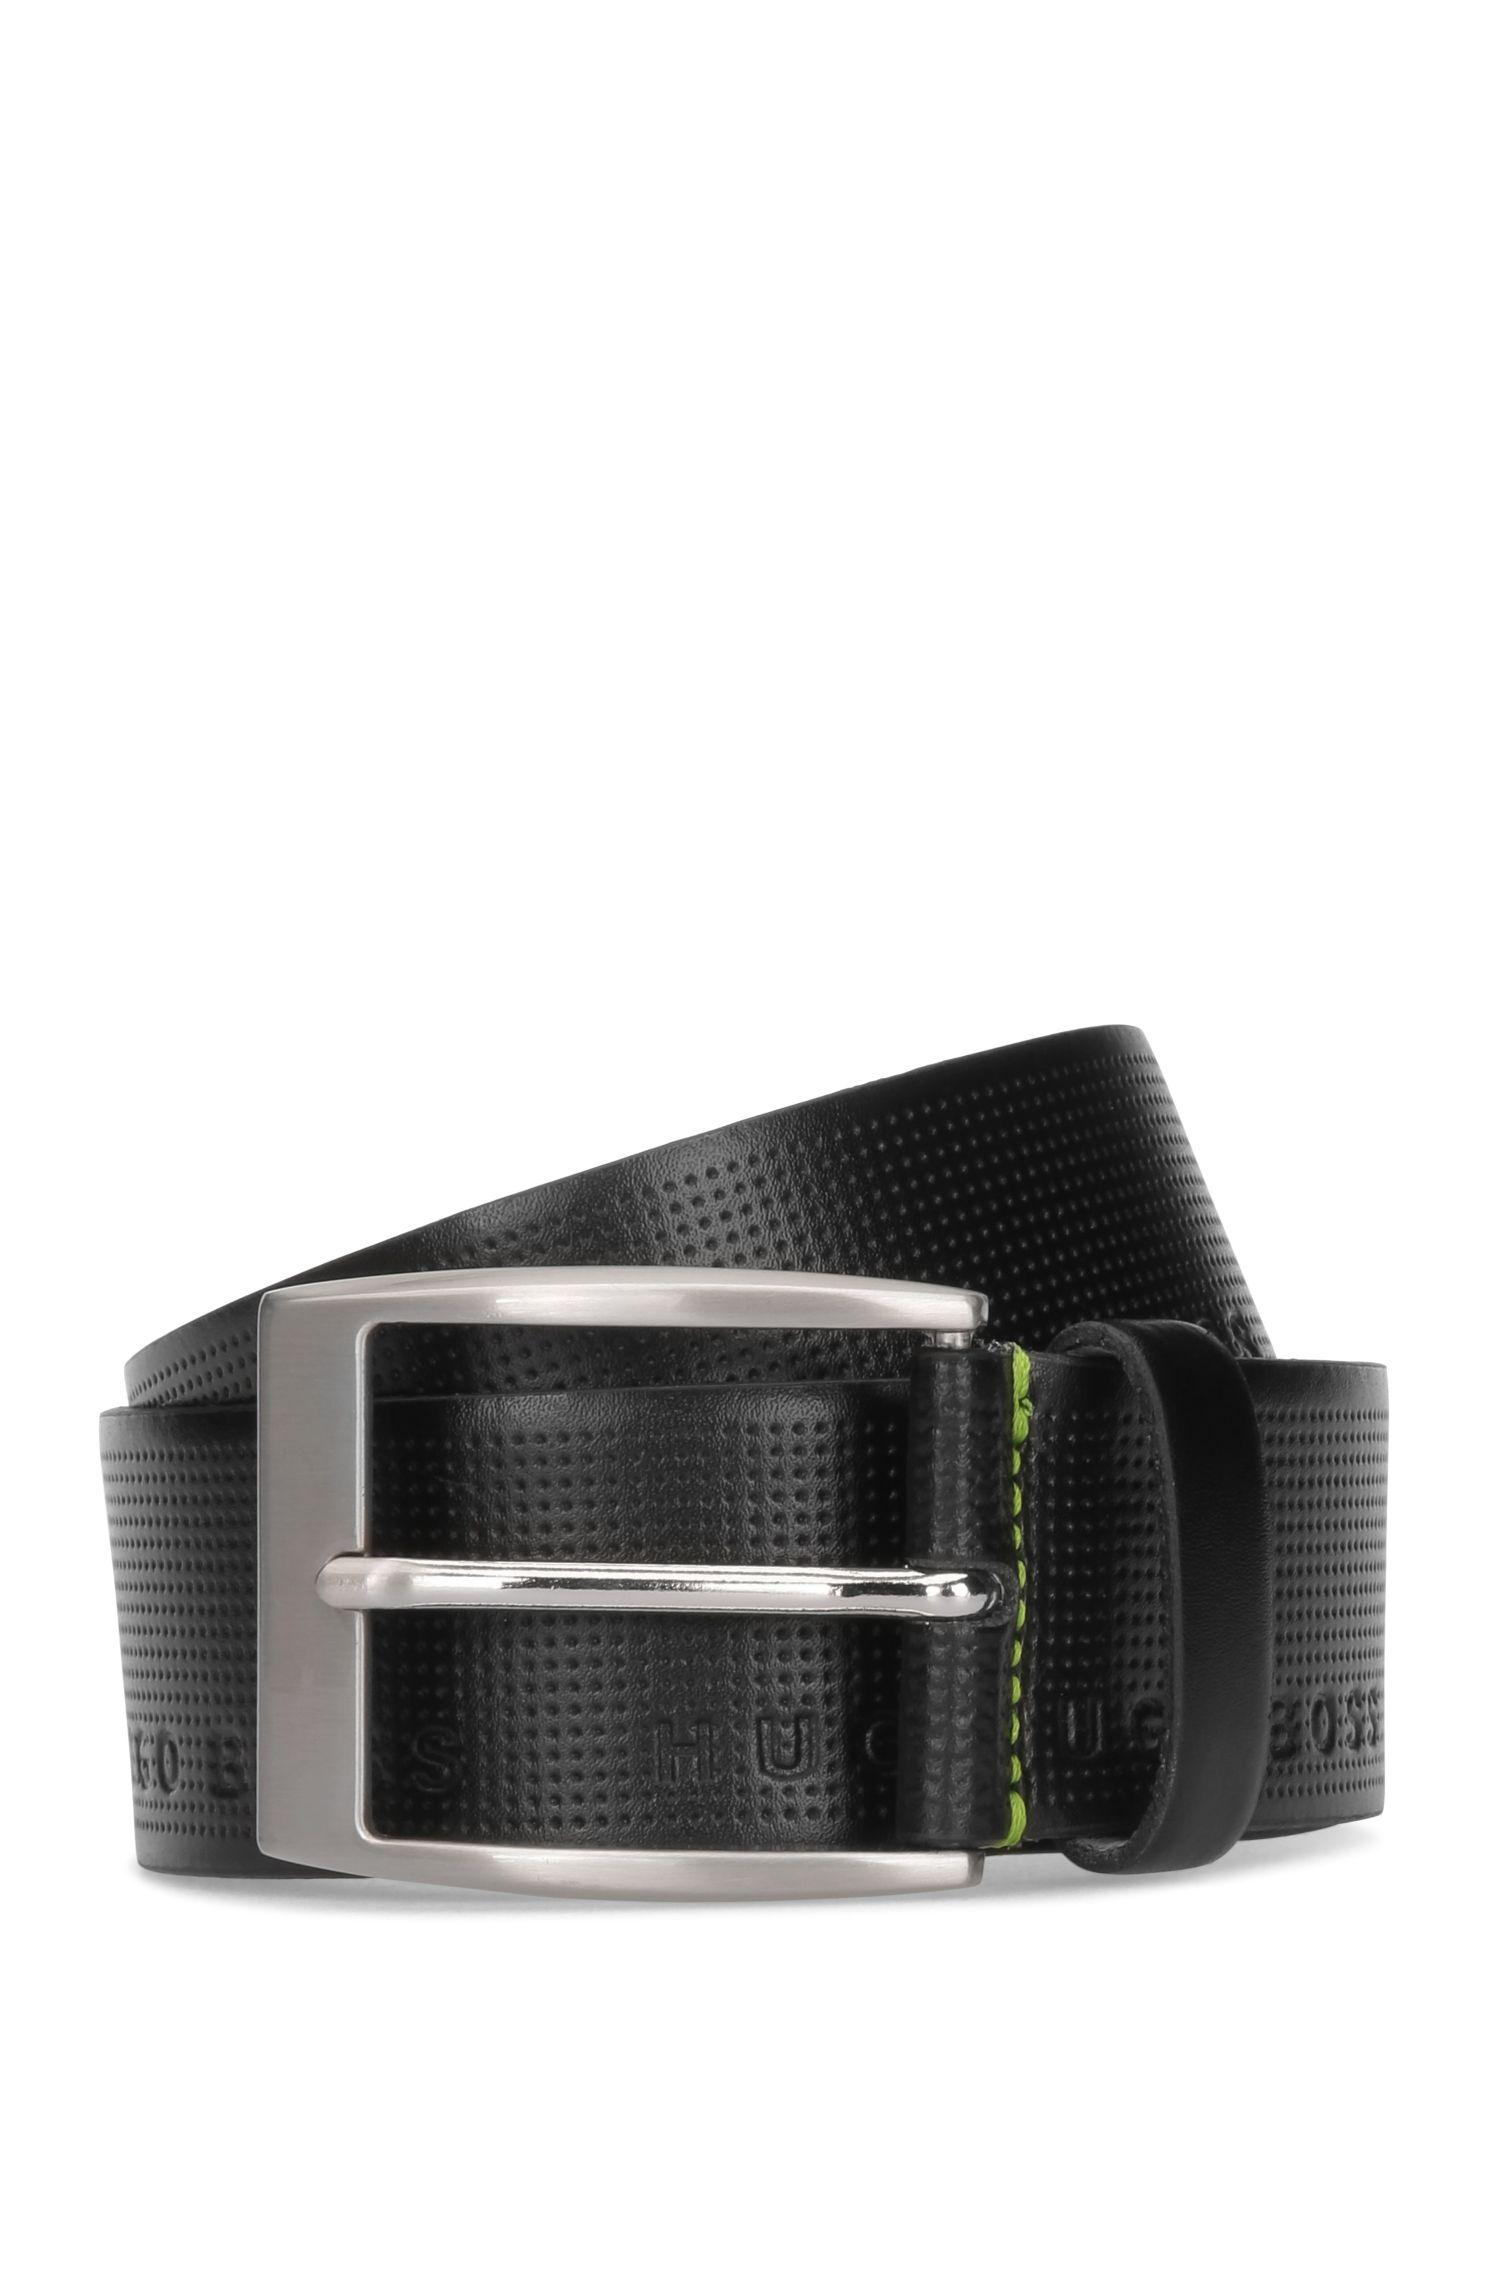 Cinturón de piel con logo grabado